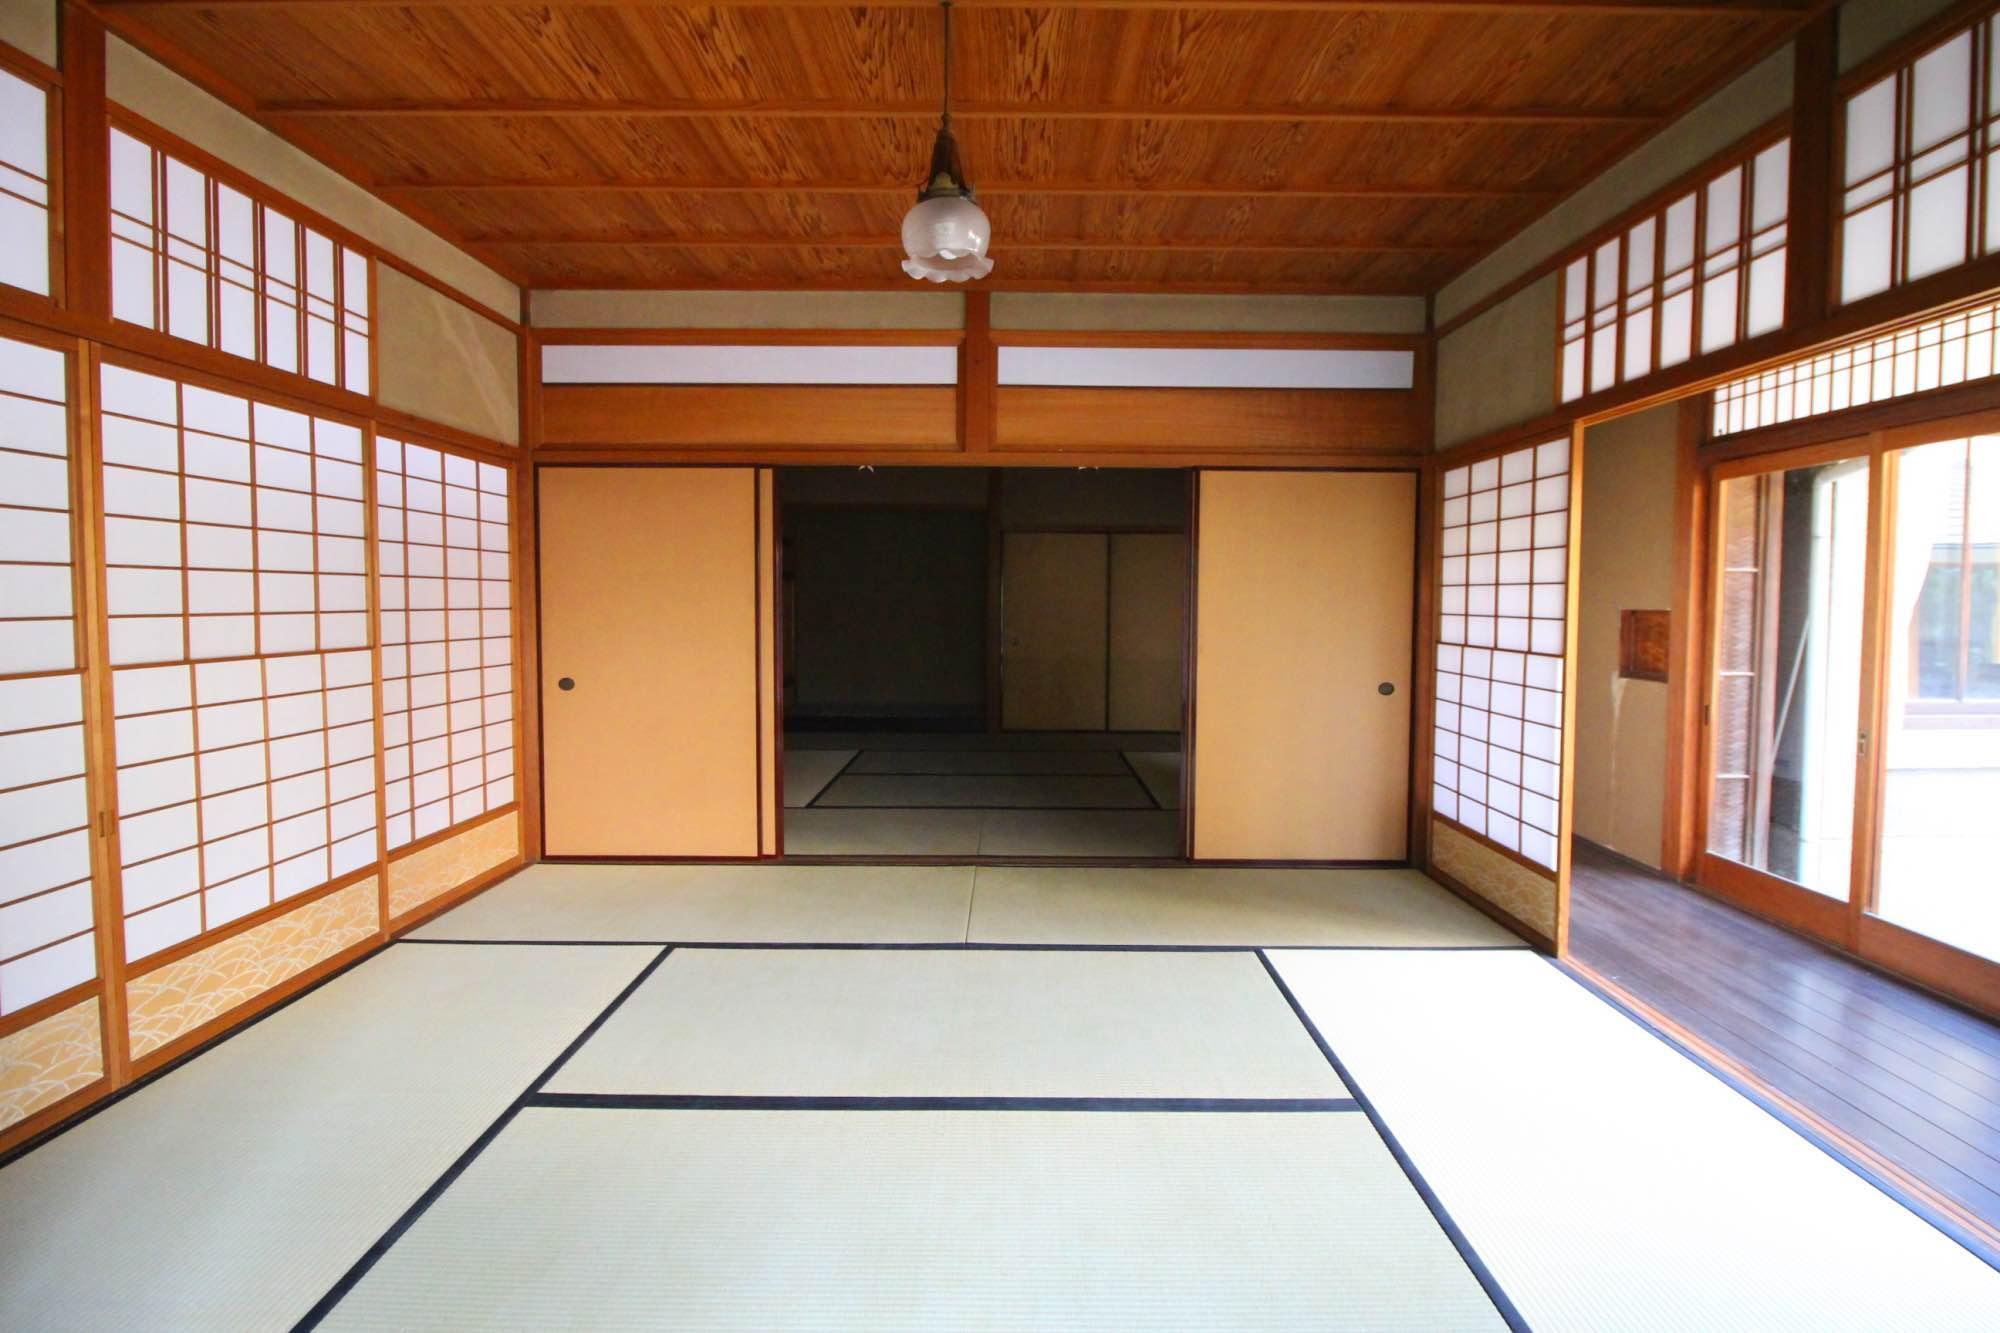 畳敷の大広間、障子の桟の細さなど、和風建築の様式美が詰まっています。